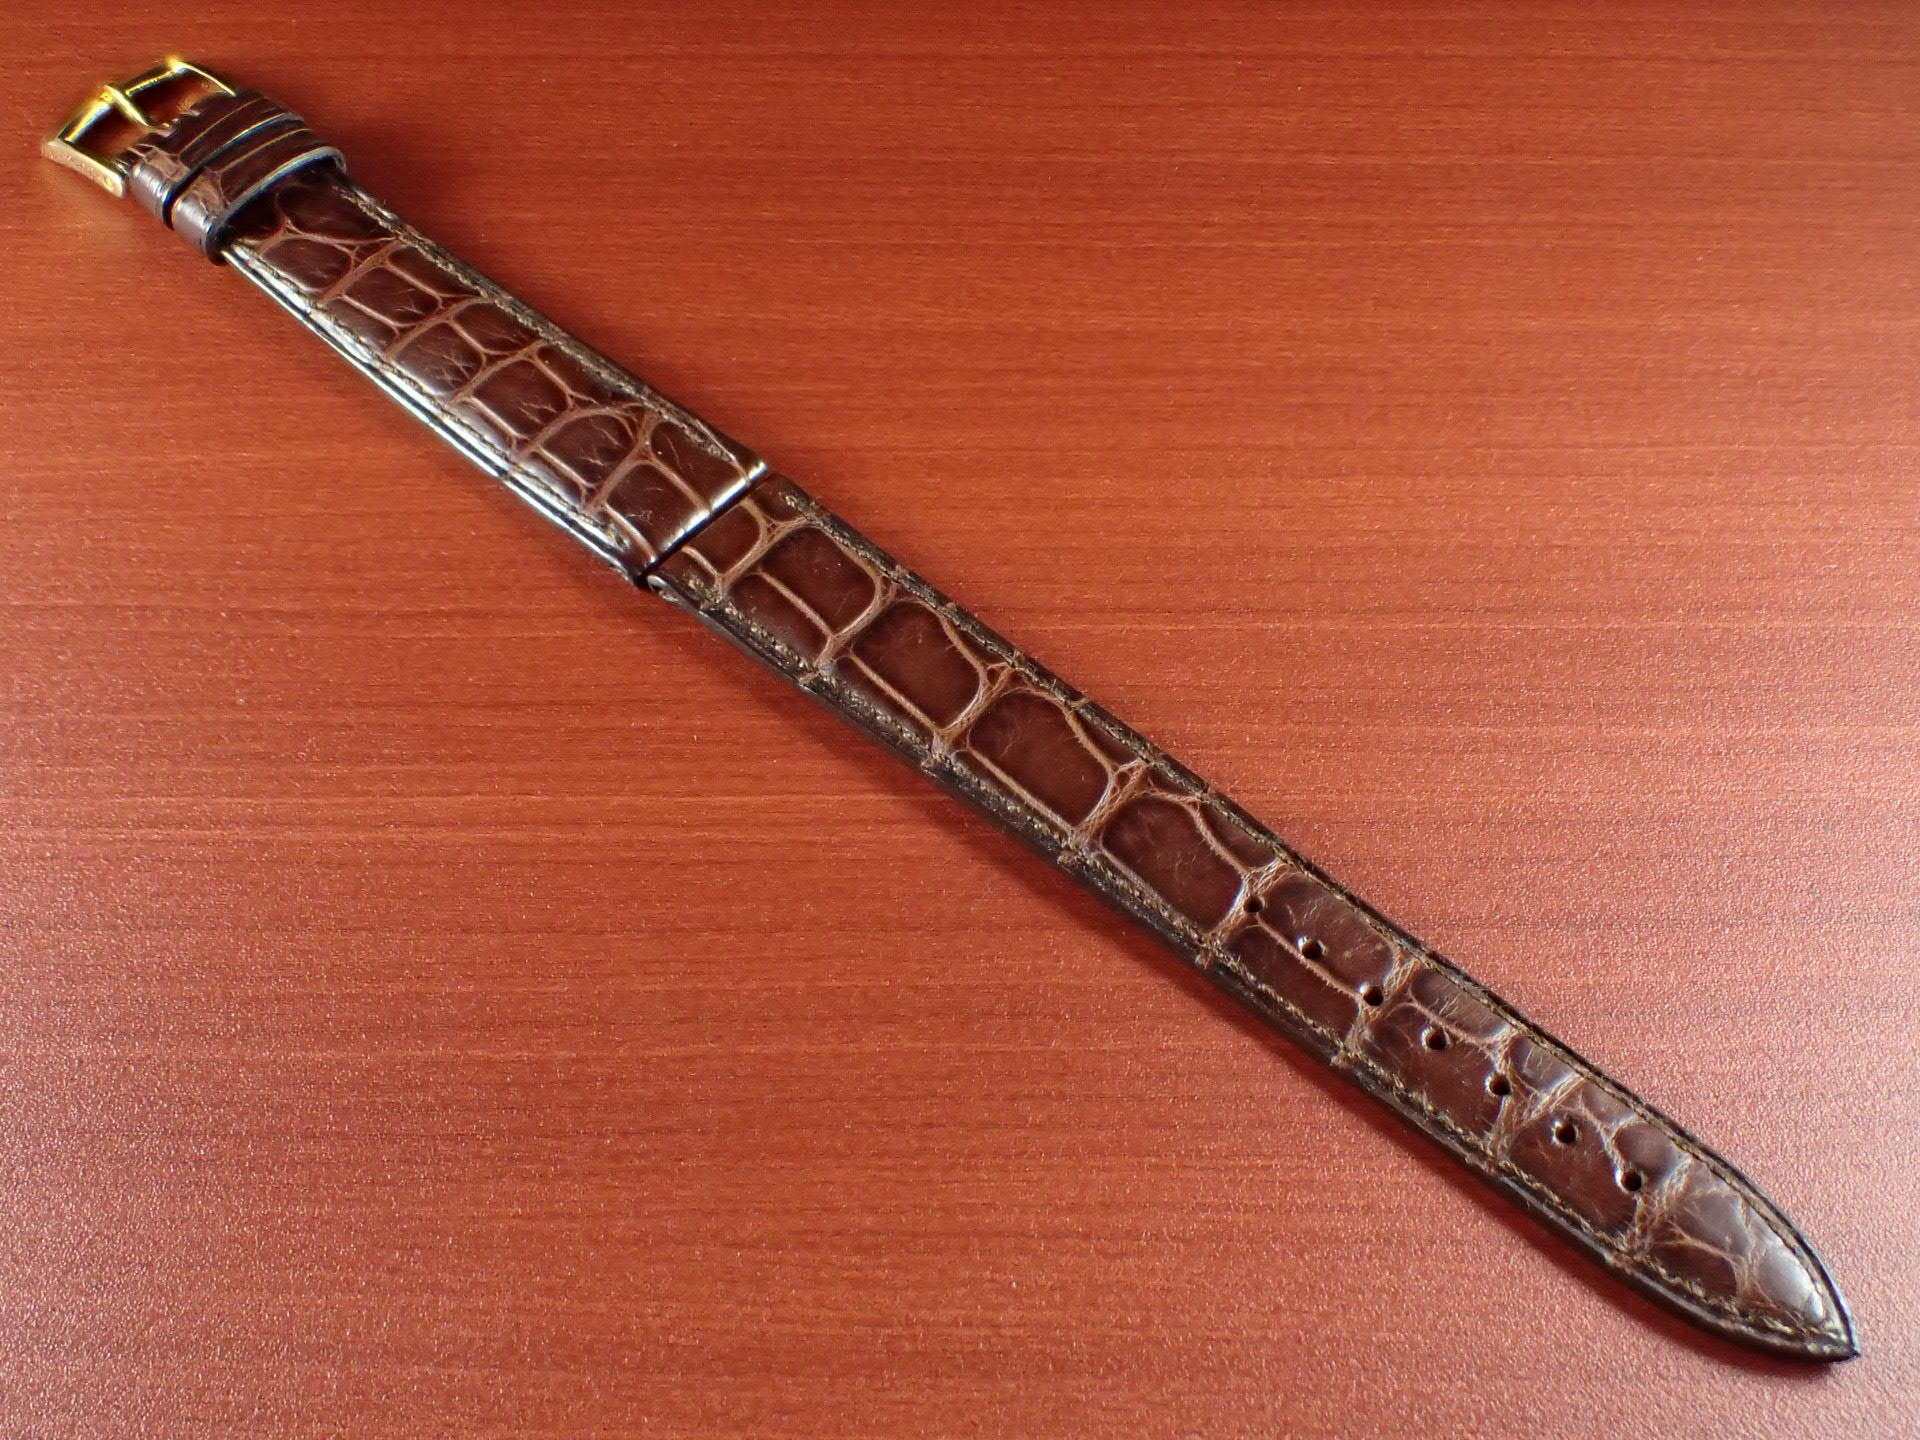 ジャン・クロード ペラン革ベルト(オールドぺラン)クロコダイル ダークブラウン 16mmのメイン写真